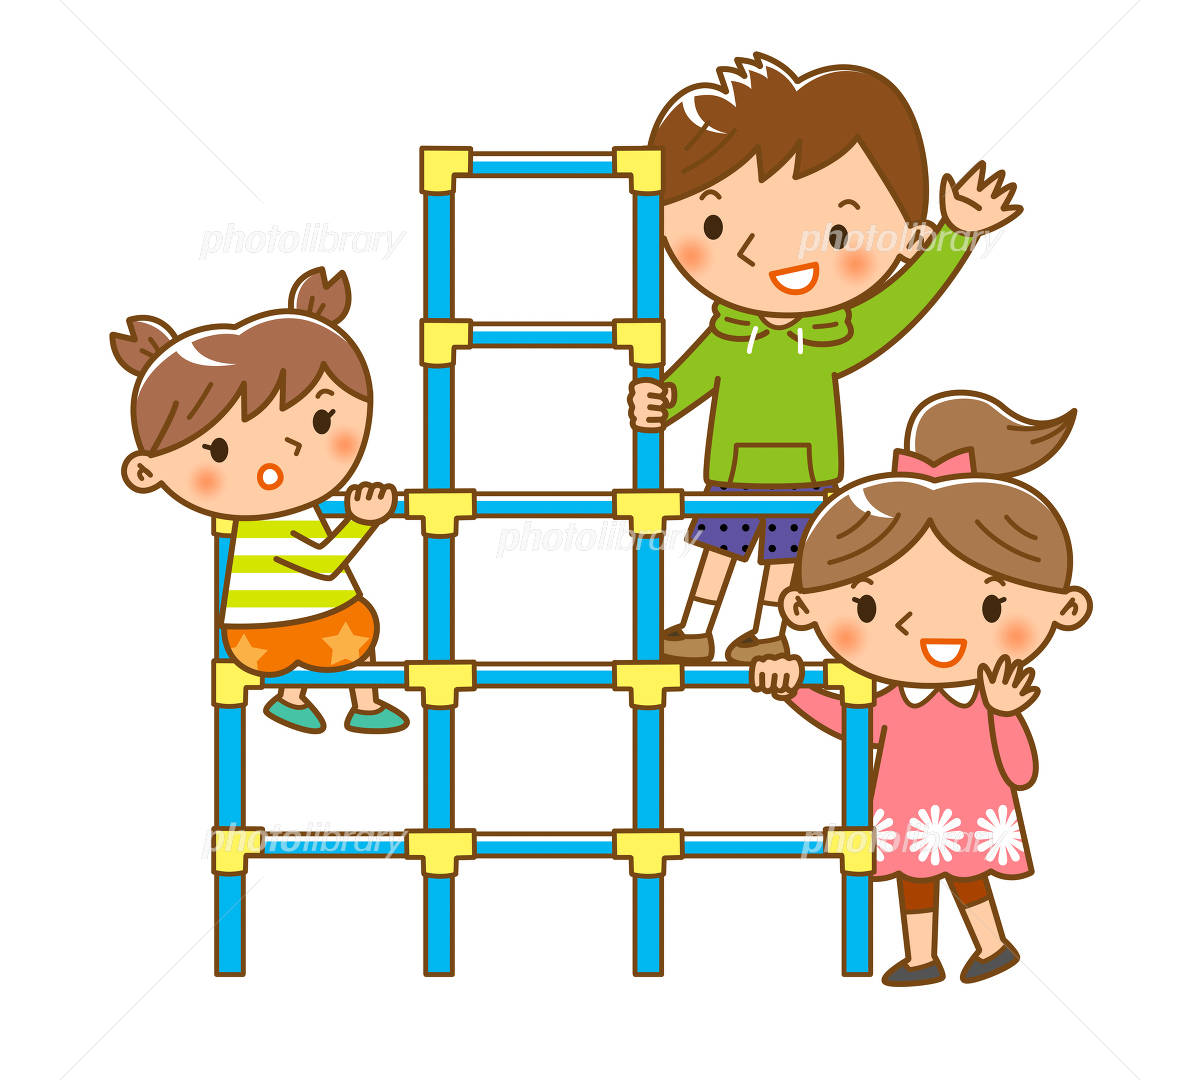 ジャングルジムで遊ぶ子供 イラスト素材 4727813 フォト